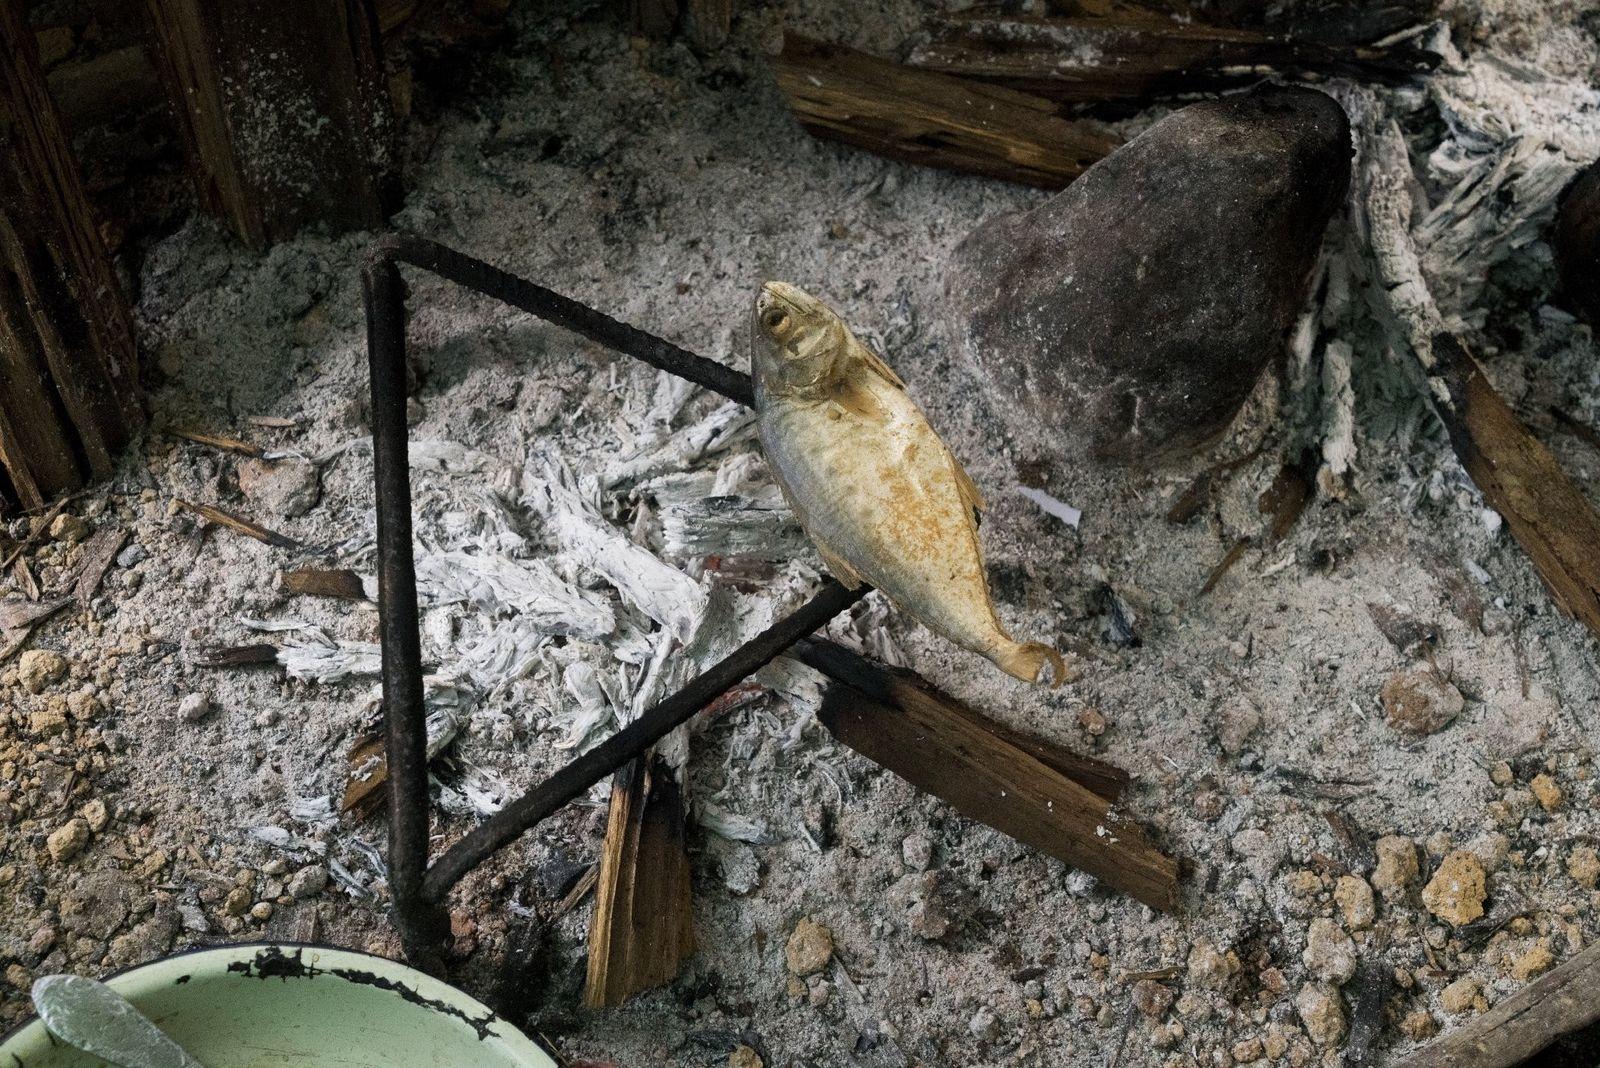 Un poisson cuit au-dessus des braises dans une petite cahute située à proximité des mines. L'utilisation ...